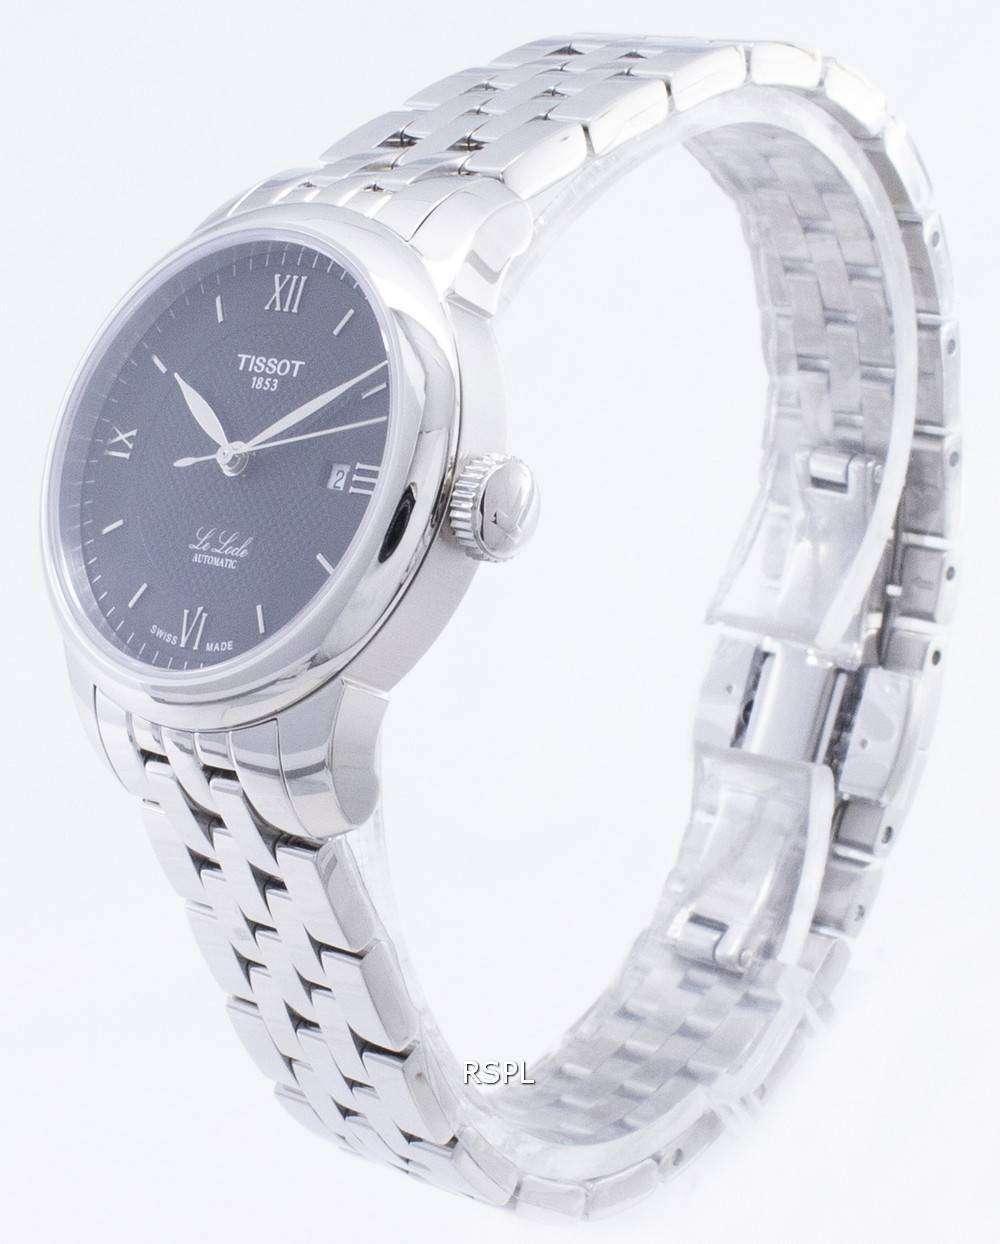 Reloj automático de diamante tissot armani, reloj mecánico